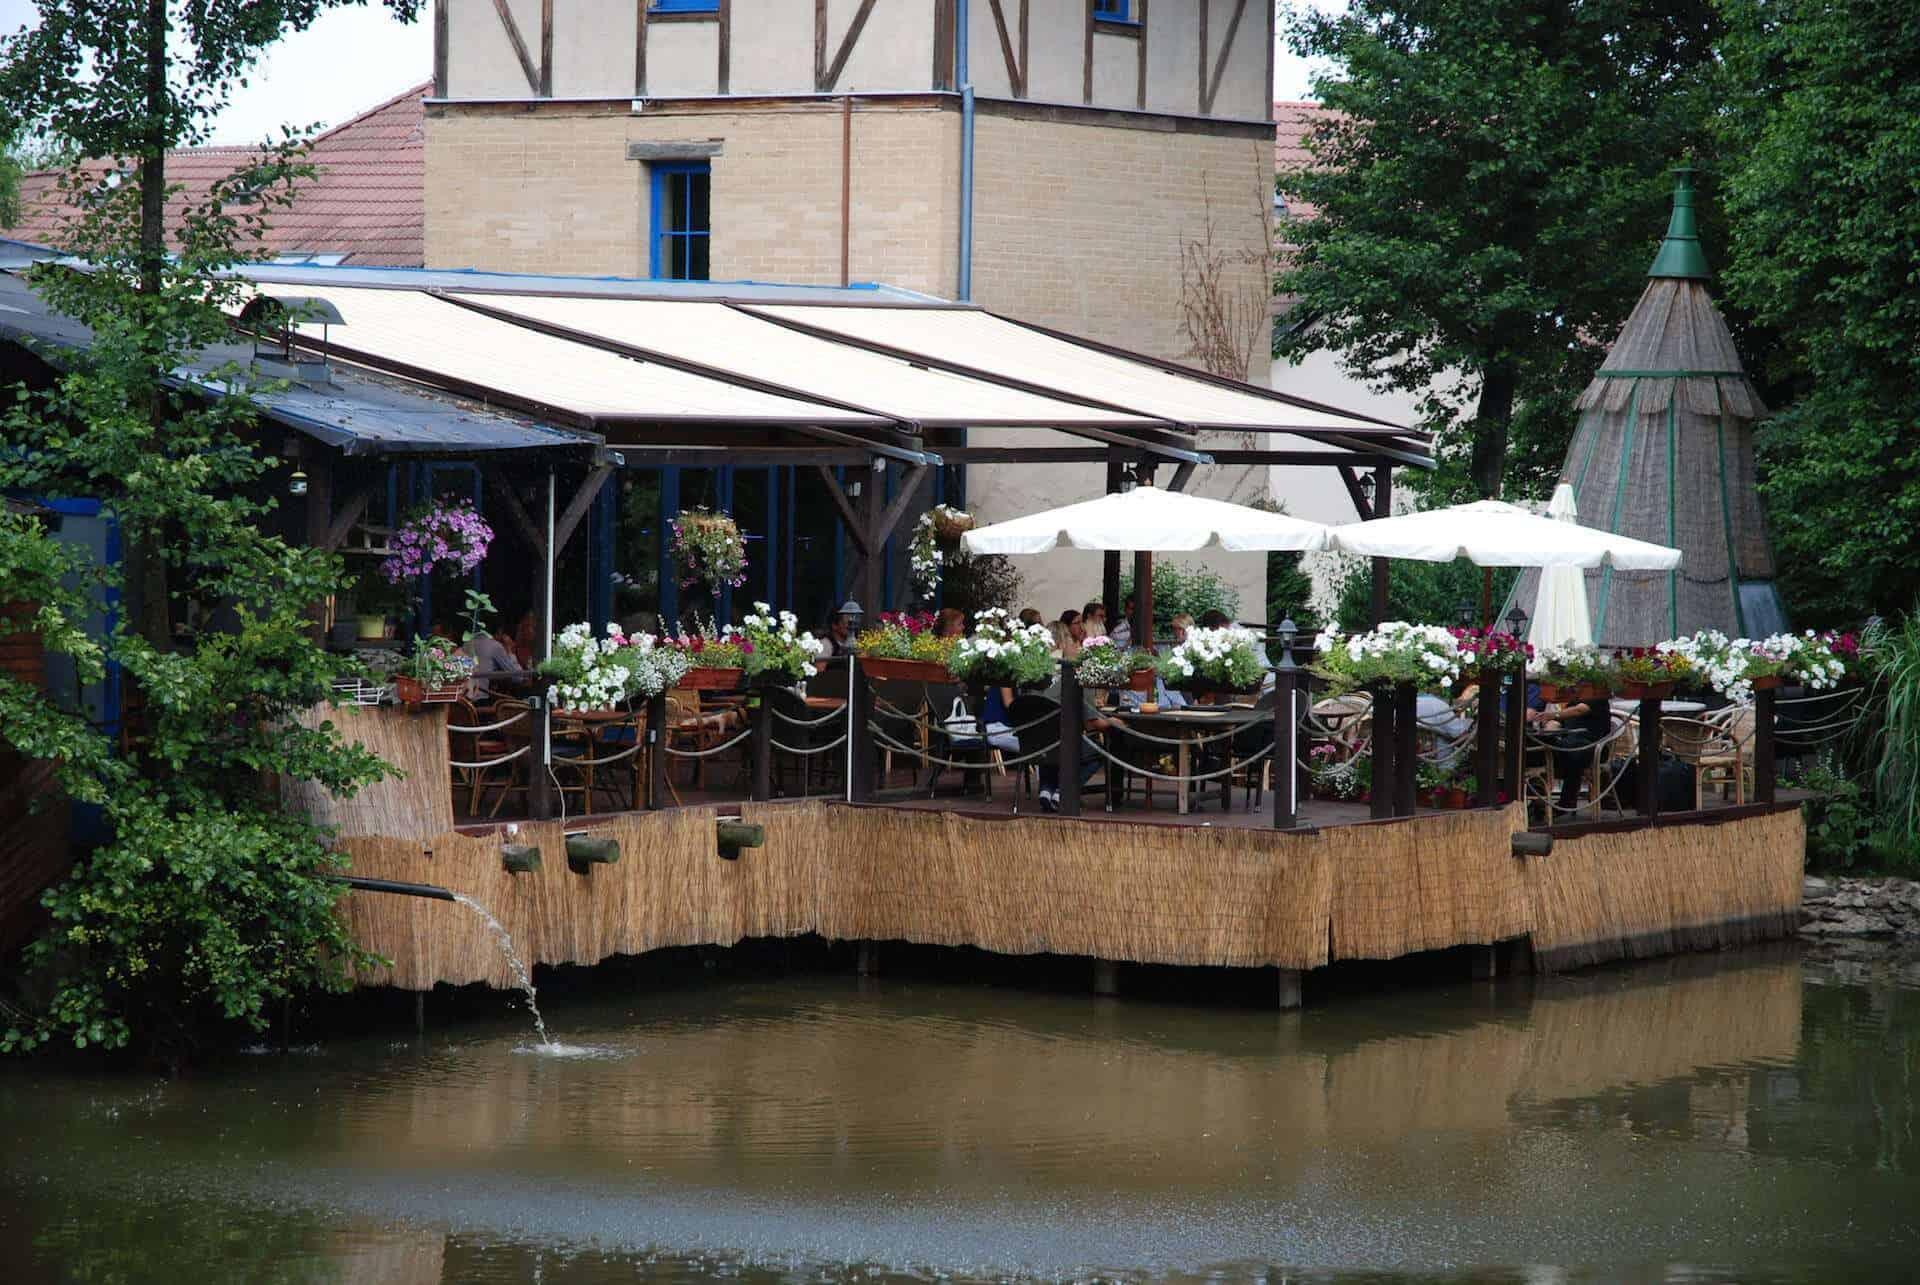 Hliněná bašta Průhonice venkovní terasa nad rybníčkem